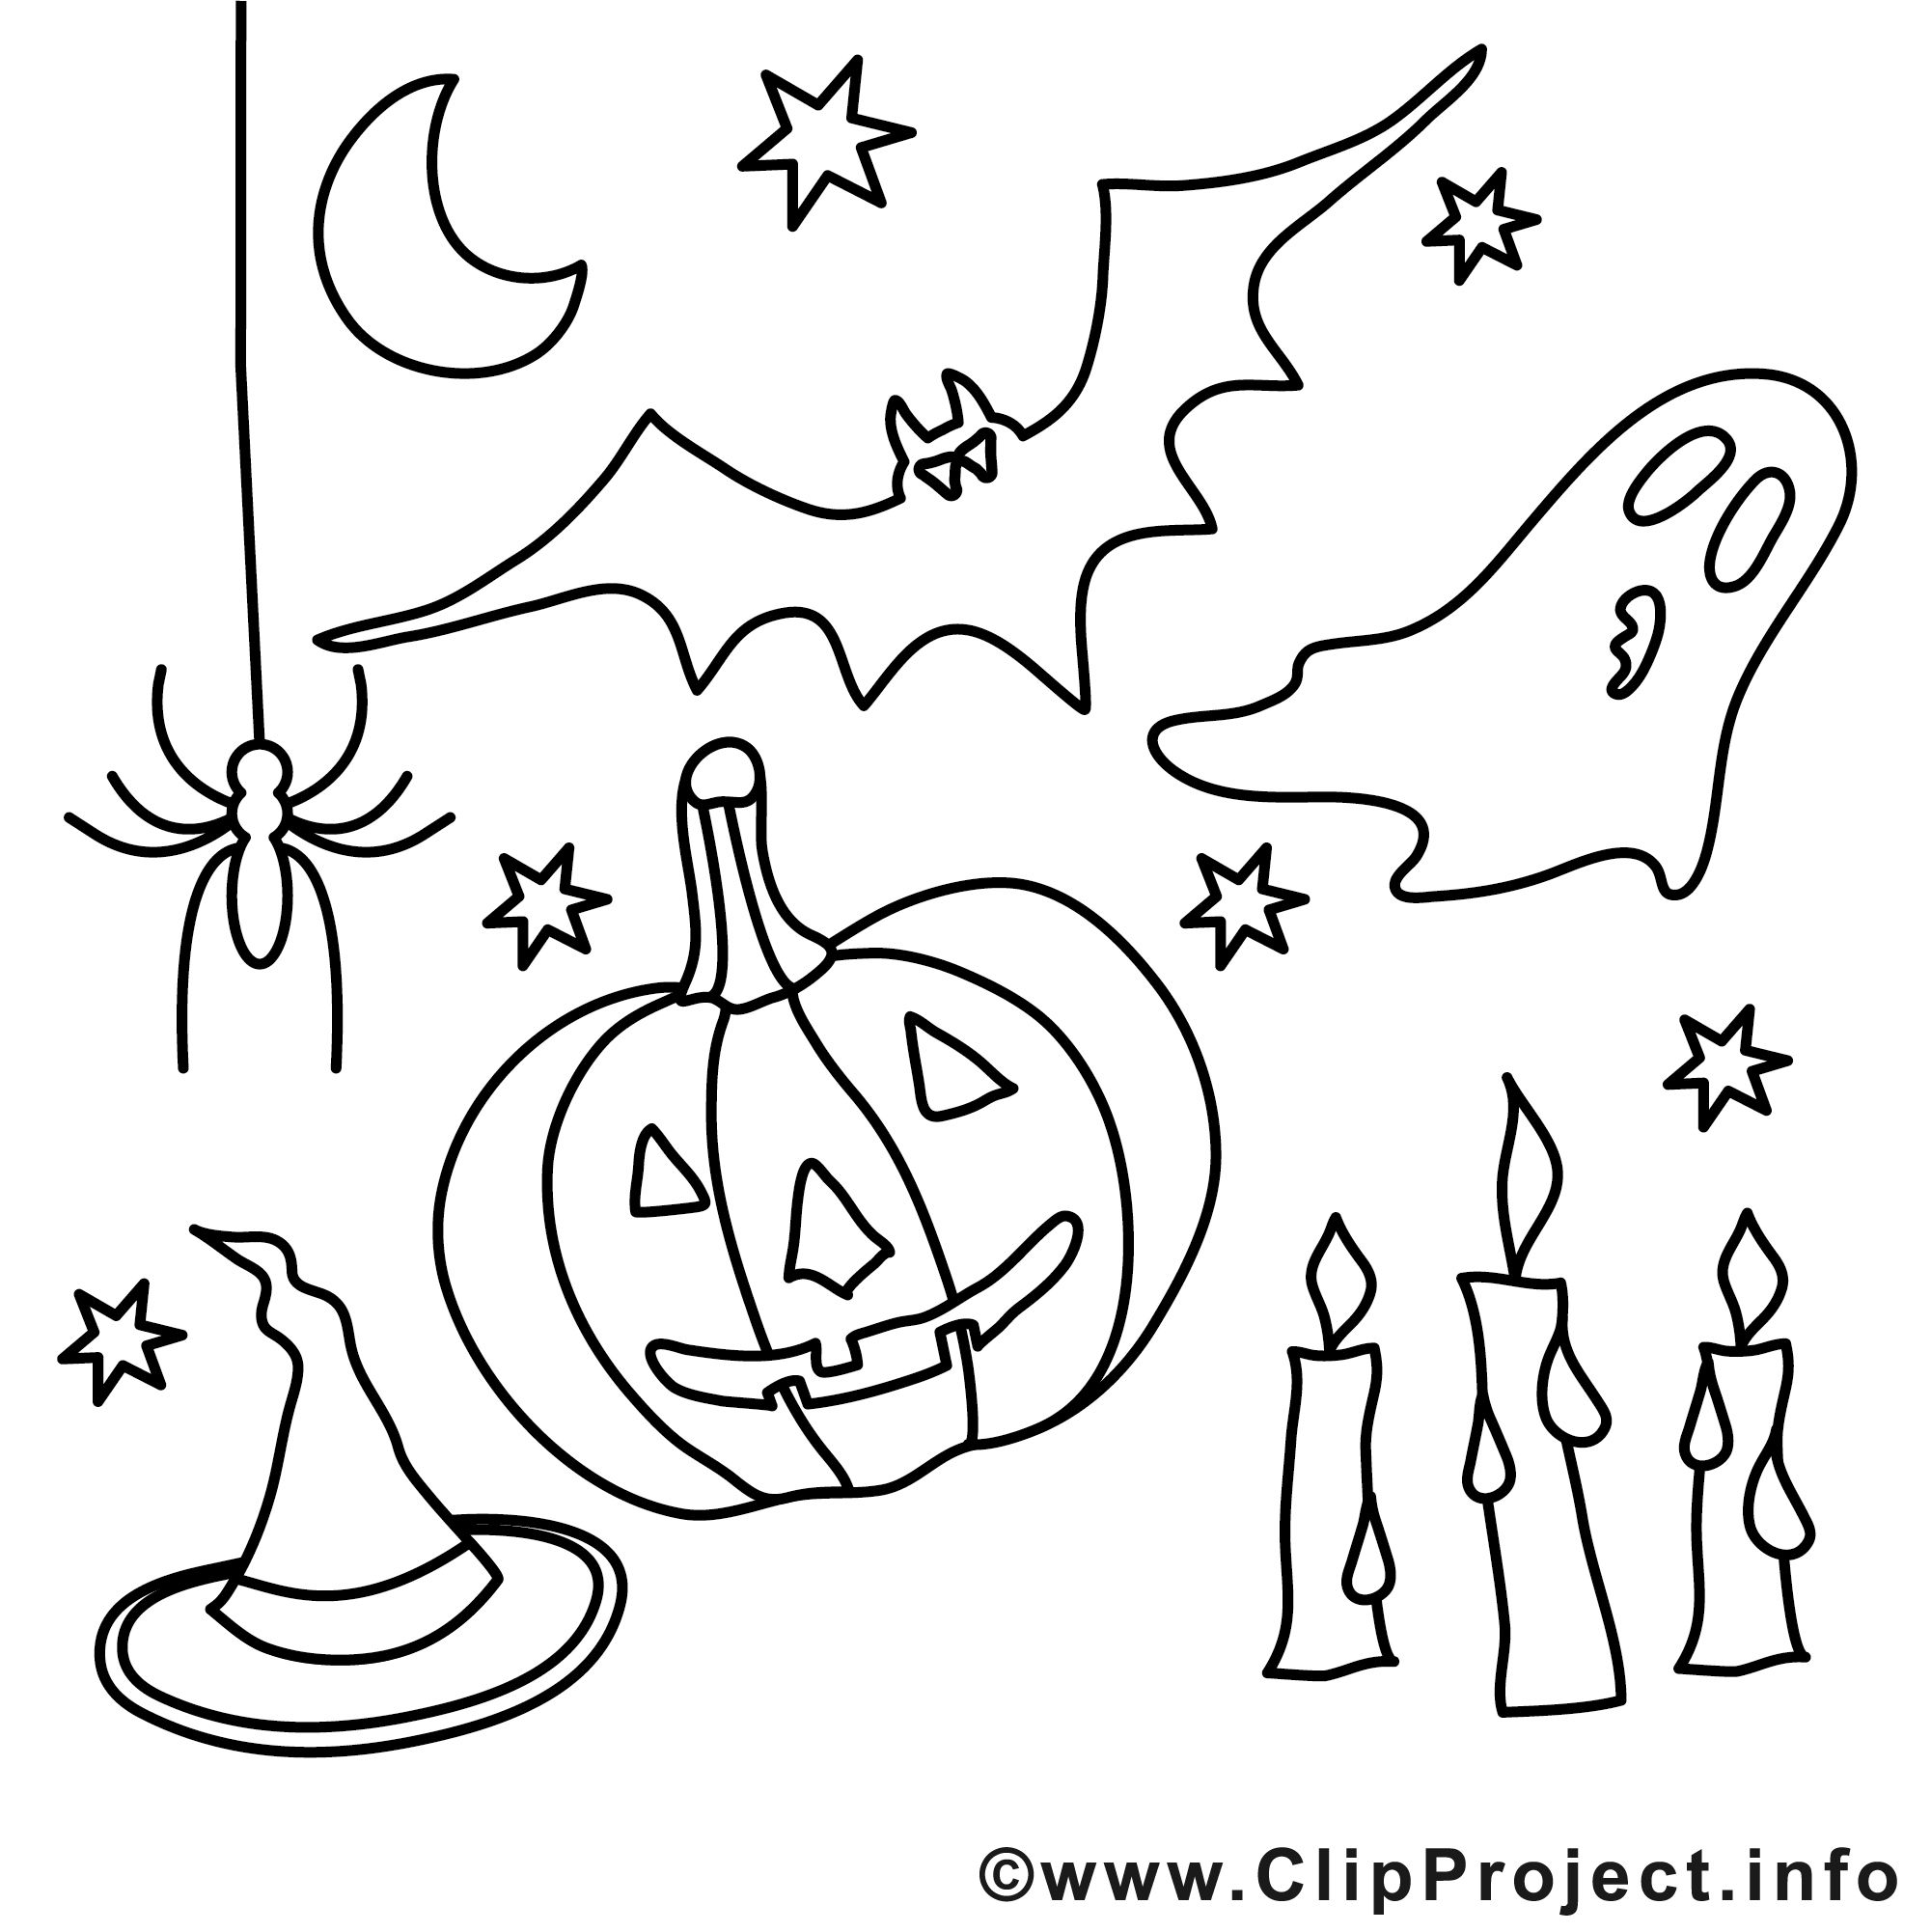 Halloween Malvorlagen Ausdrucken 04 Ausmalbilder Ausmalbilder